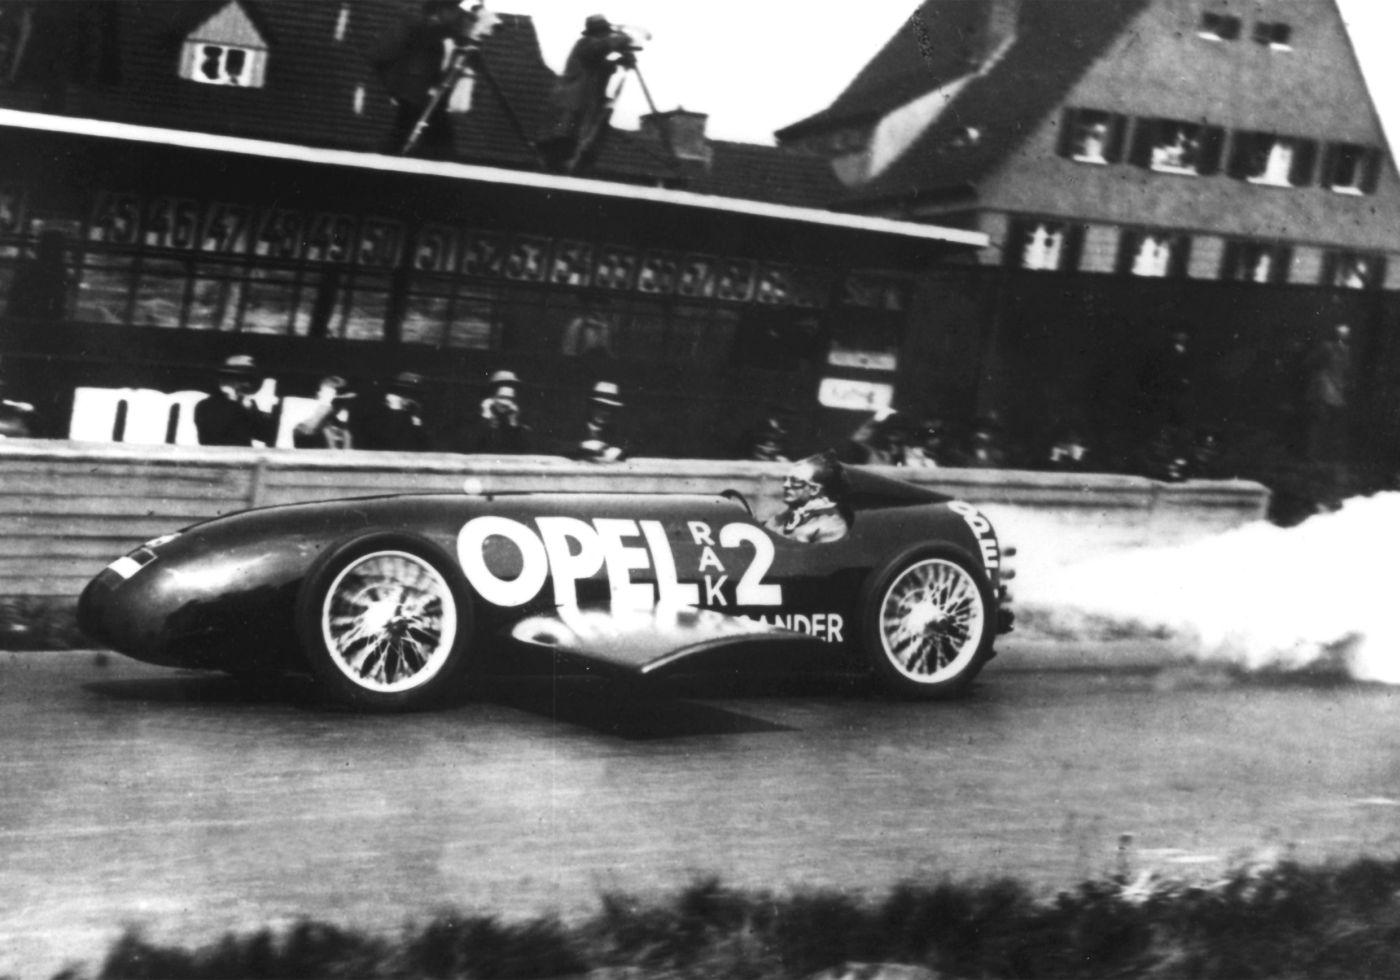 Eröffnung der AVUS 1928 Opel RAK 2